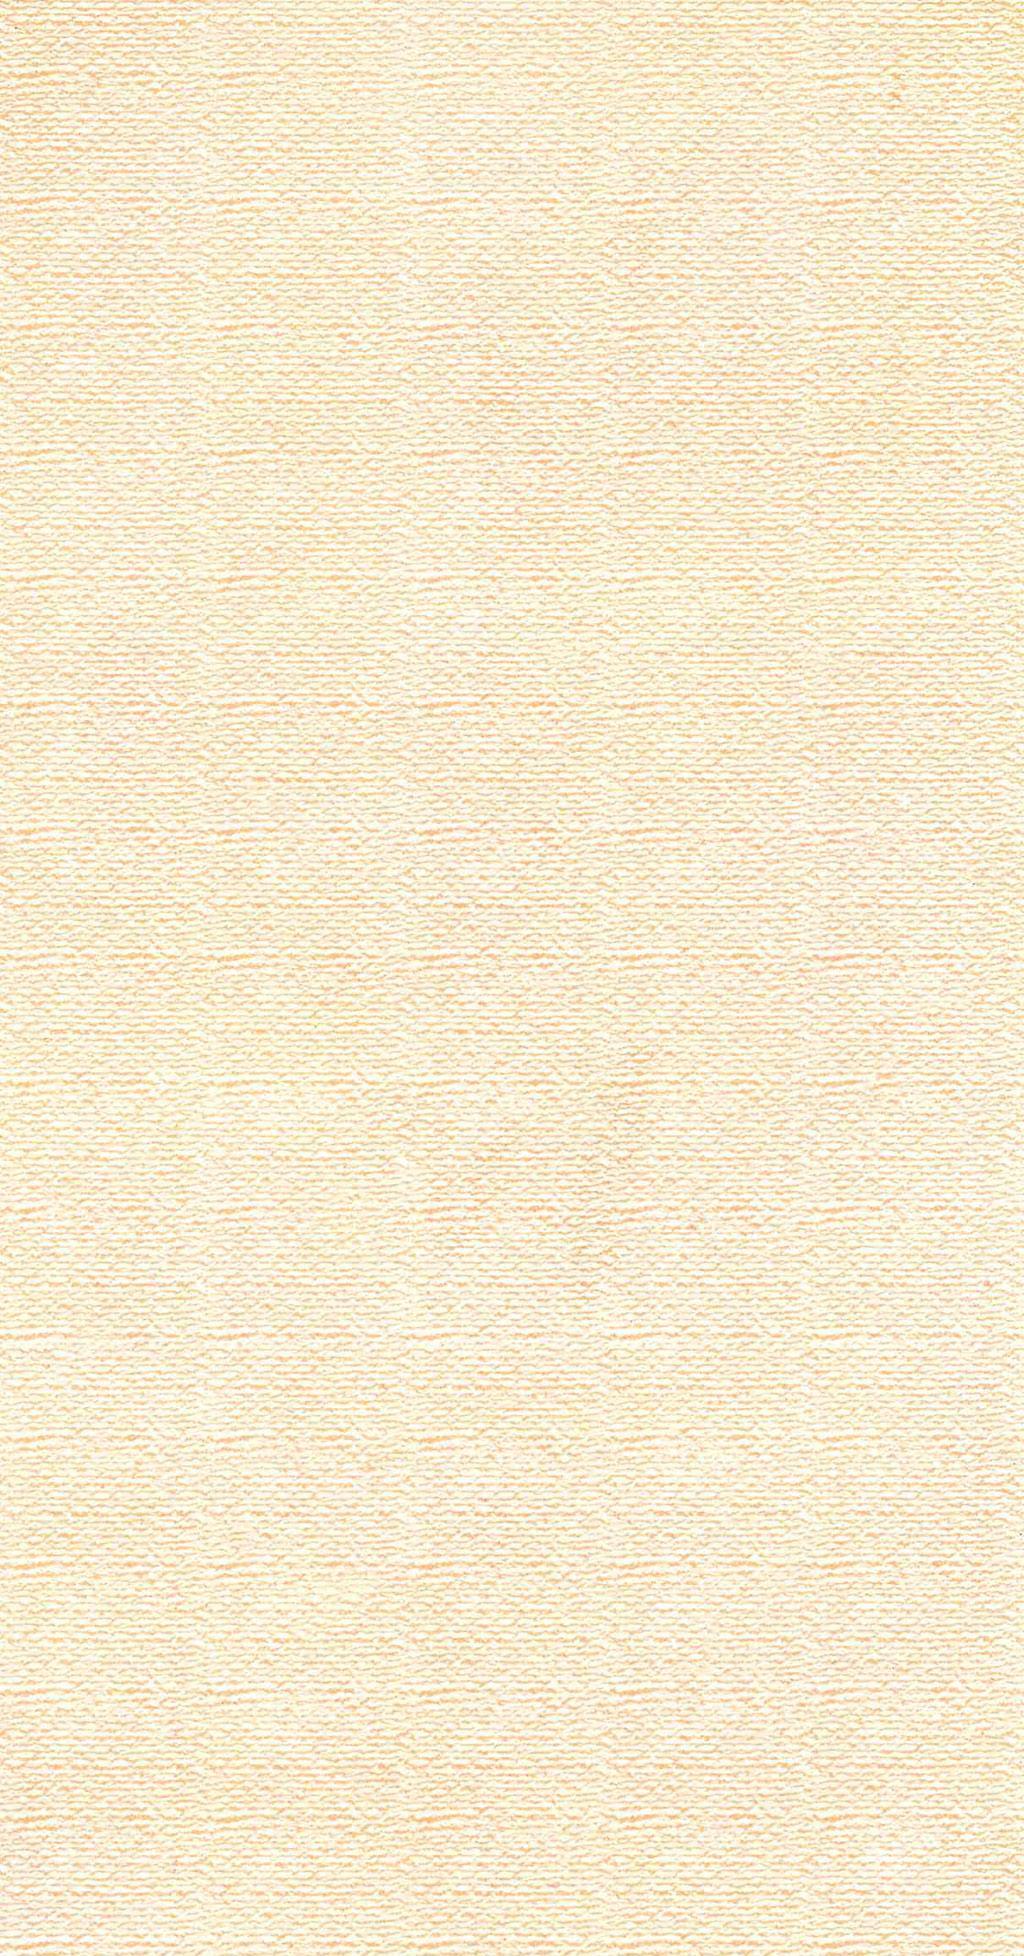 鹰牌瓷砖新生代些列内墙砖M2P1-31M2P1-31